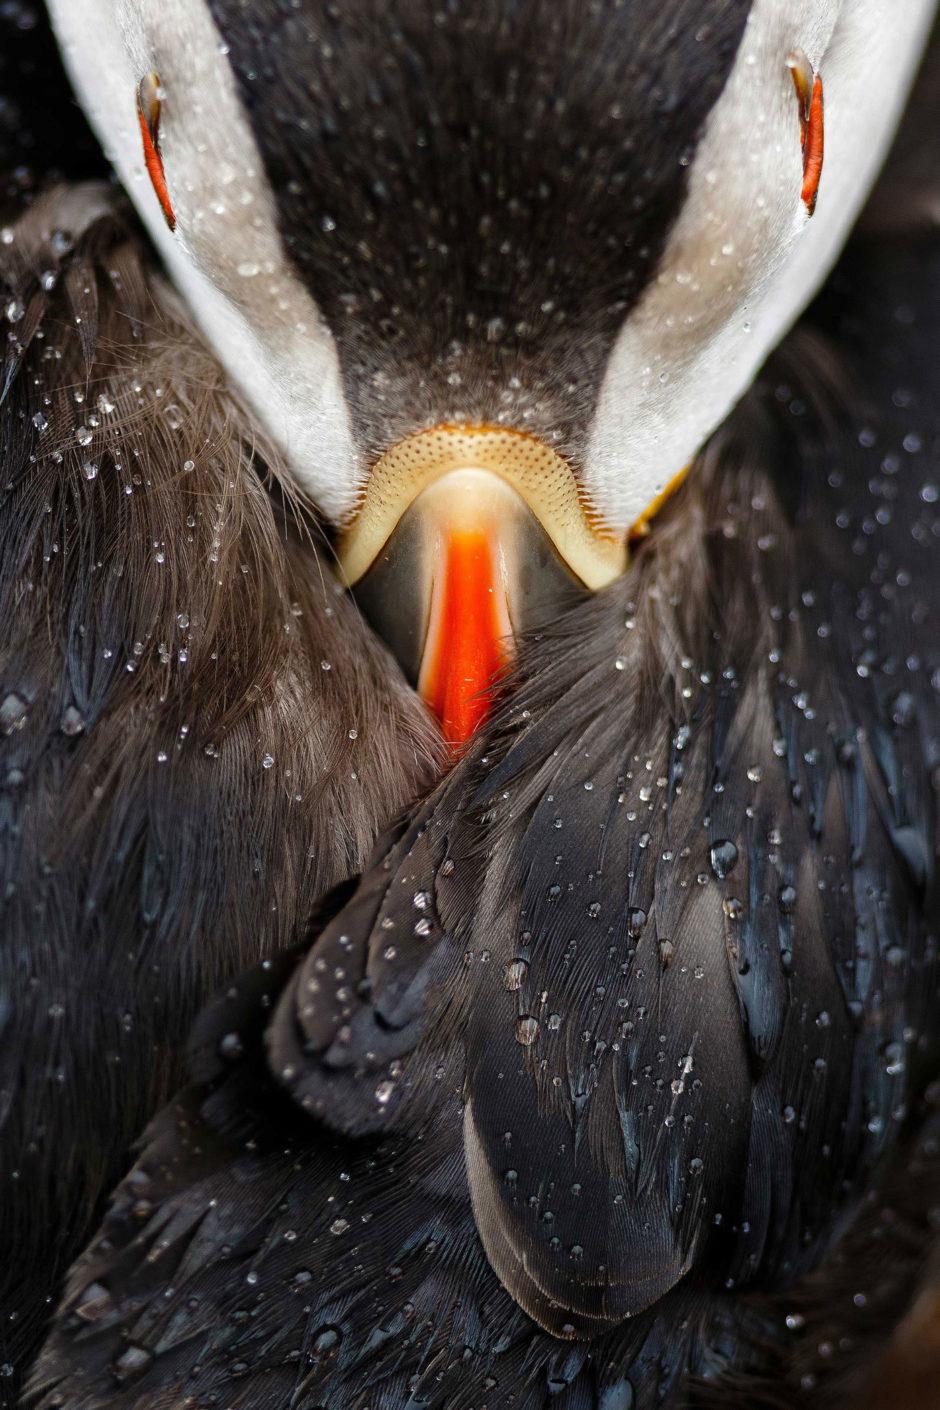 GRAND PRIX CONCOURS PHOTO ©Mario SUAREZ PORRAS